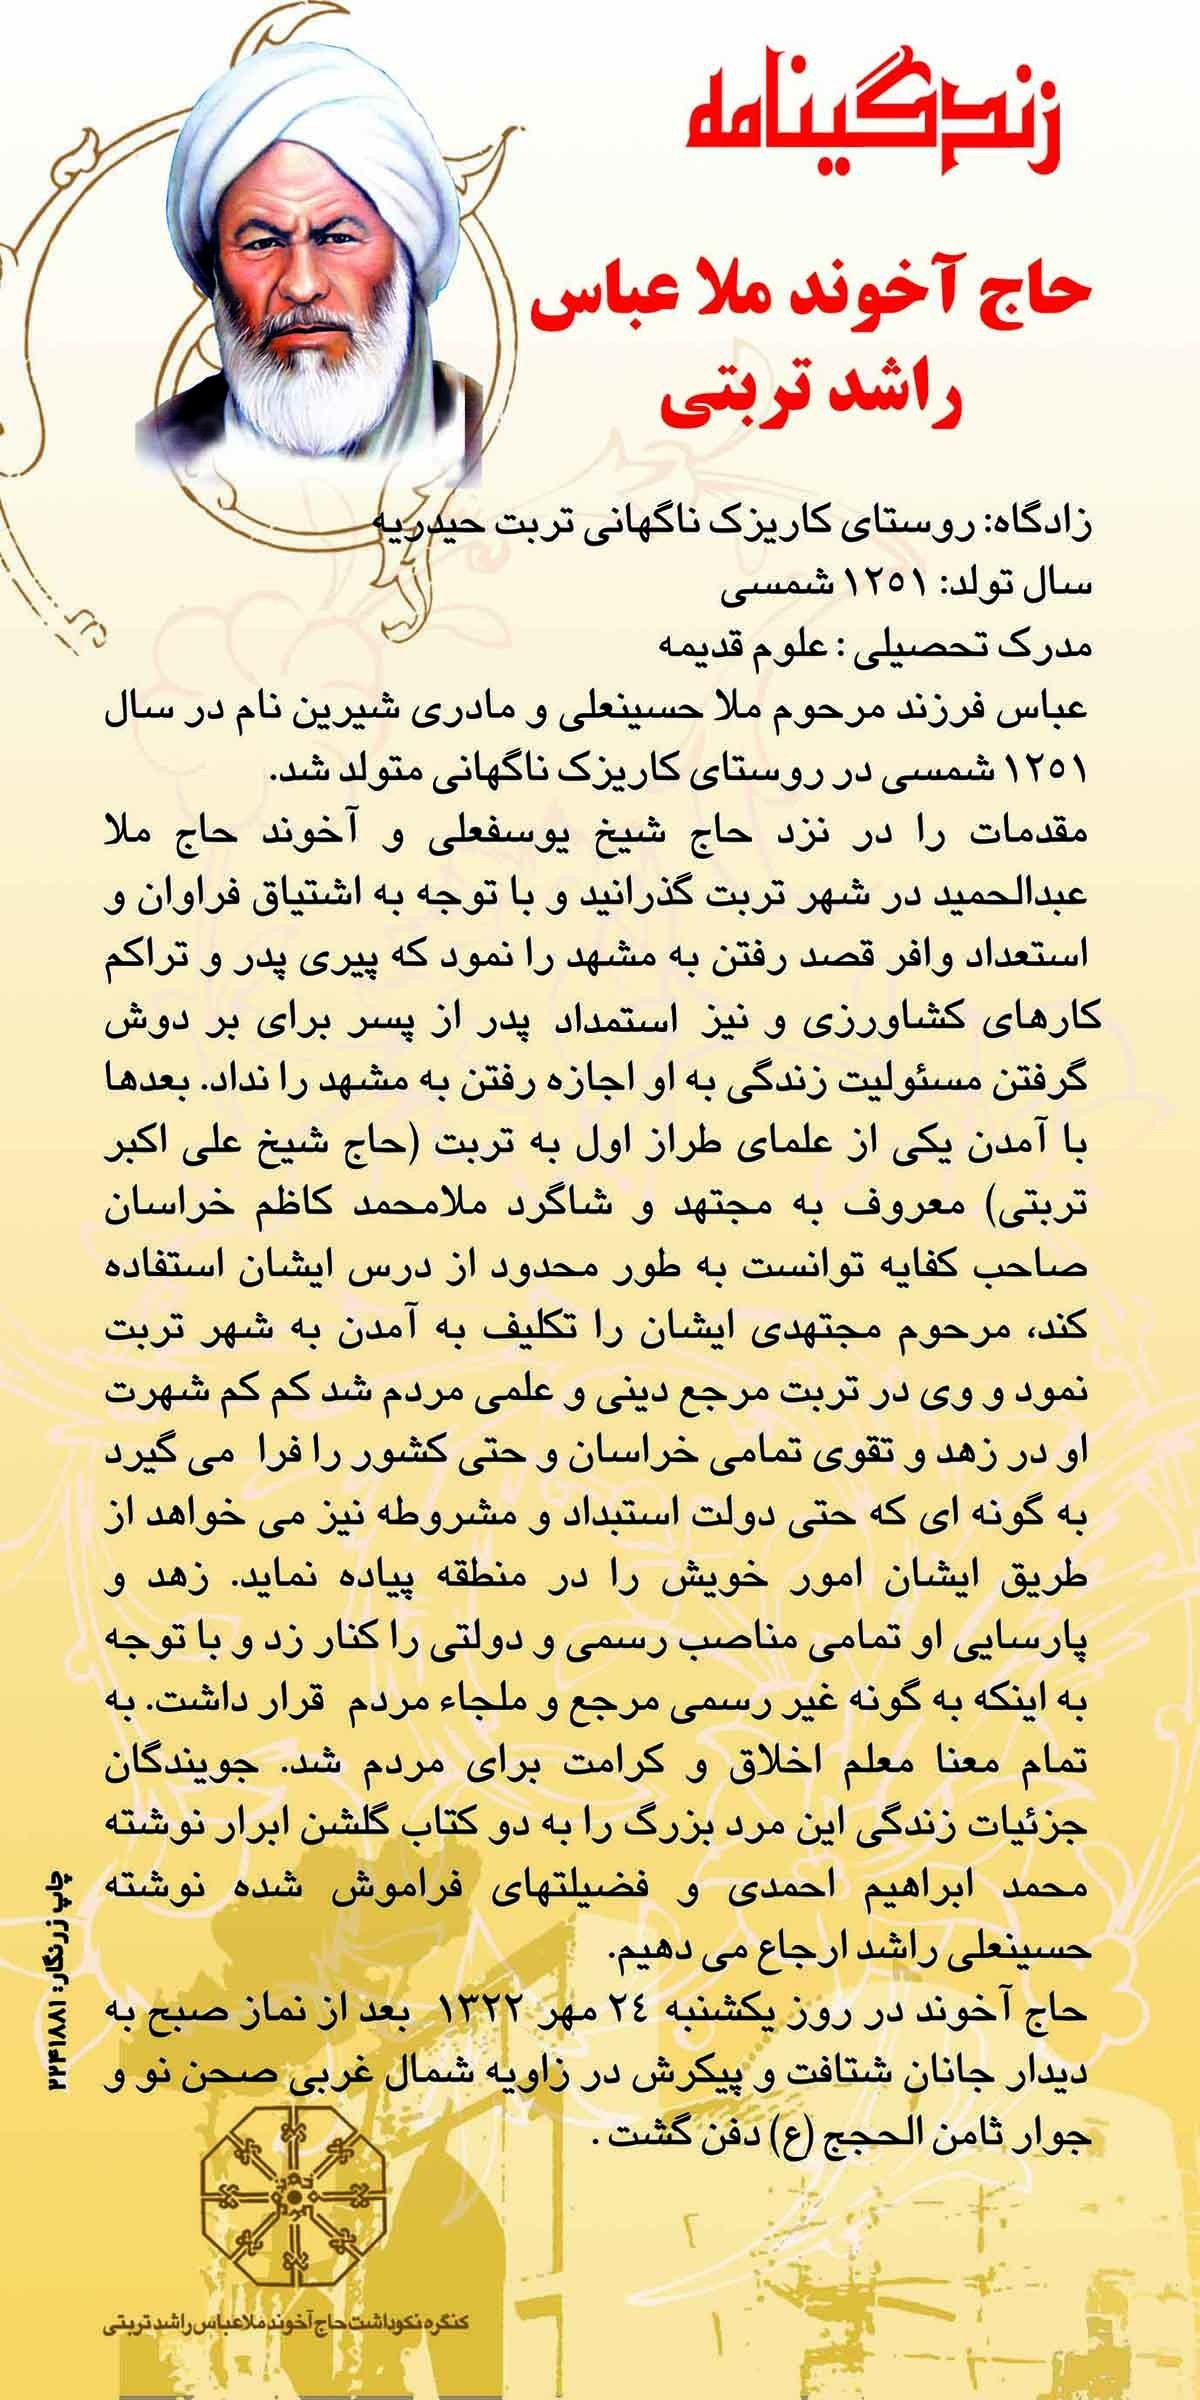 حاج آخوند ملا عباس راشد تربتی   وبگاه شخصی دکتر خسروی سهل آبادی